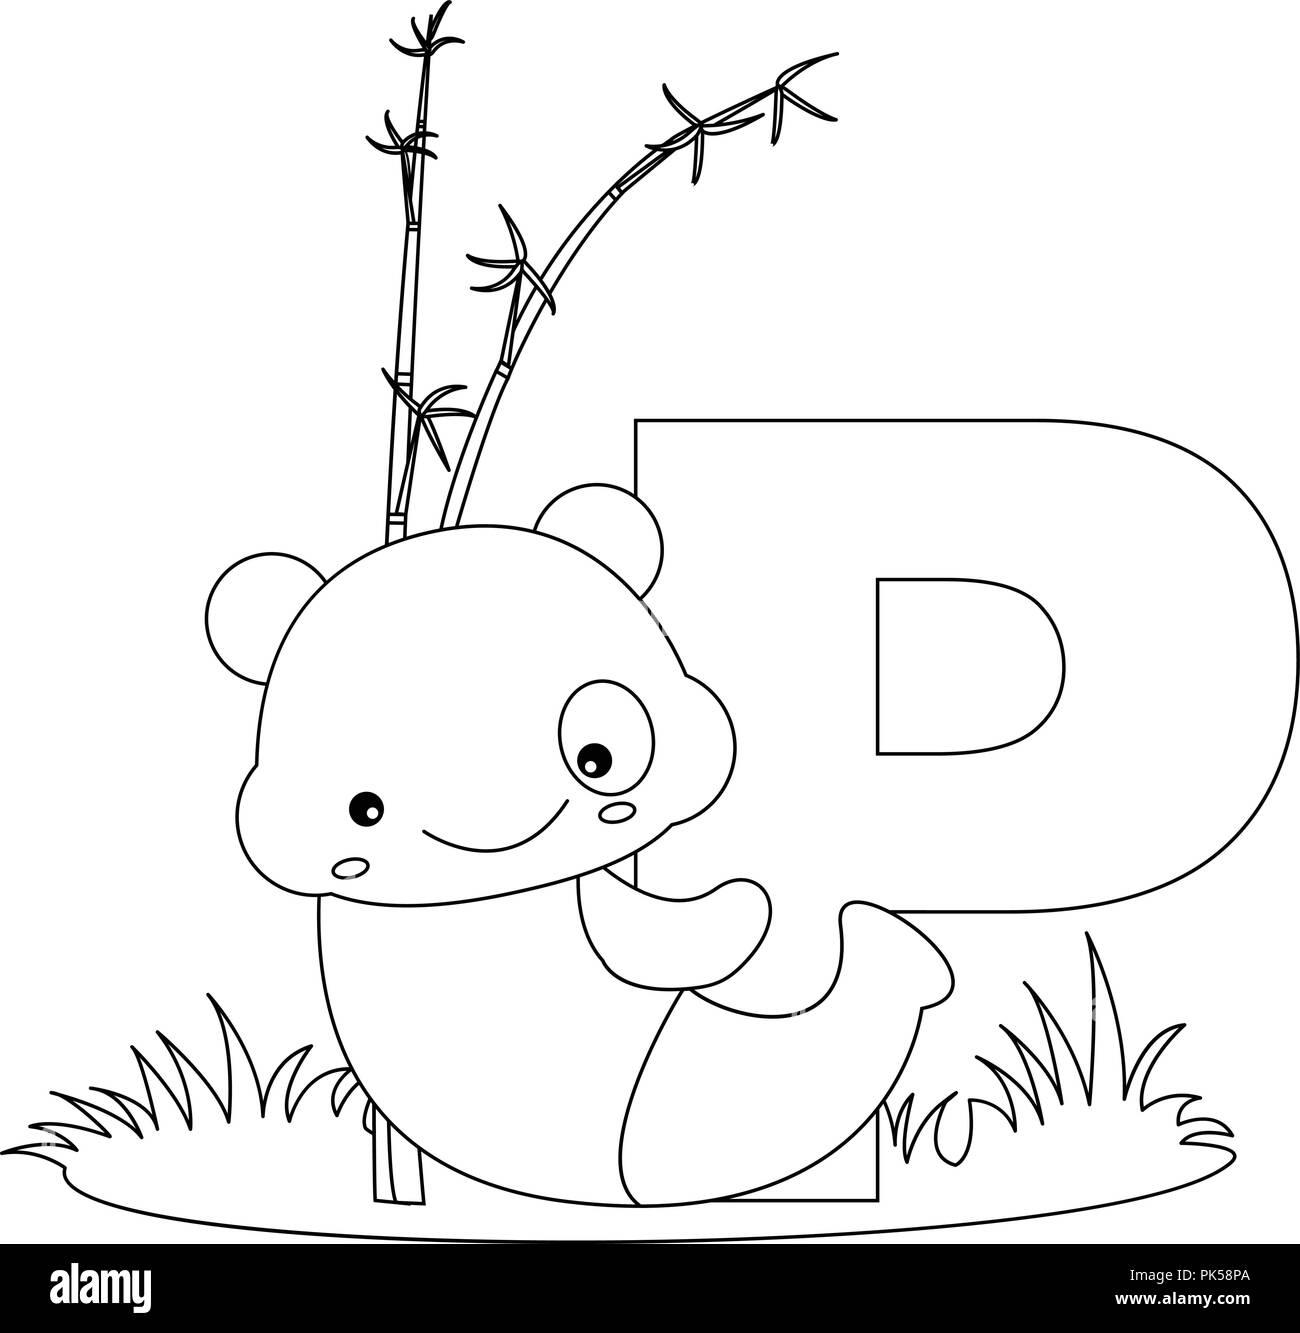 Abecedario Animales Libro Para Colorear La Ilustración Con